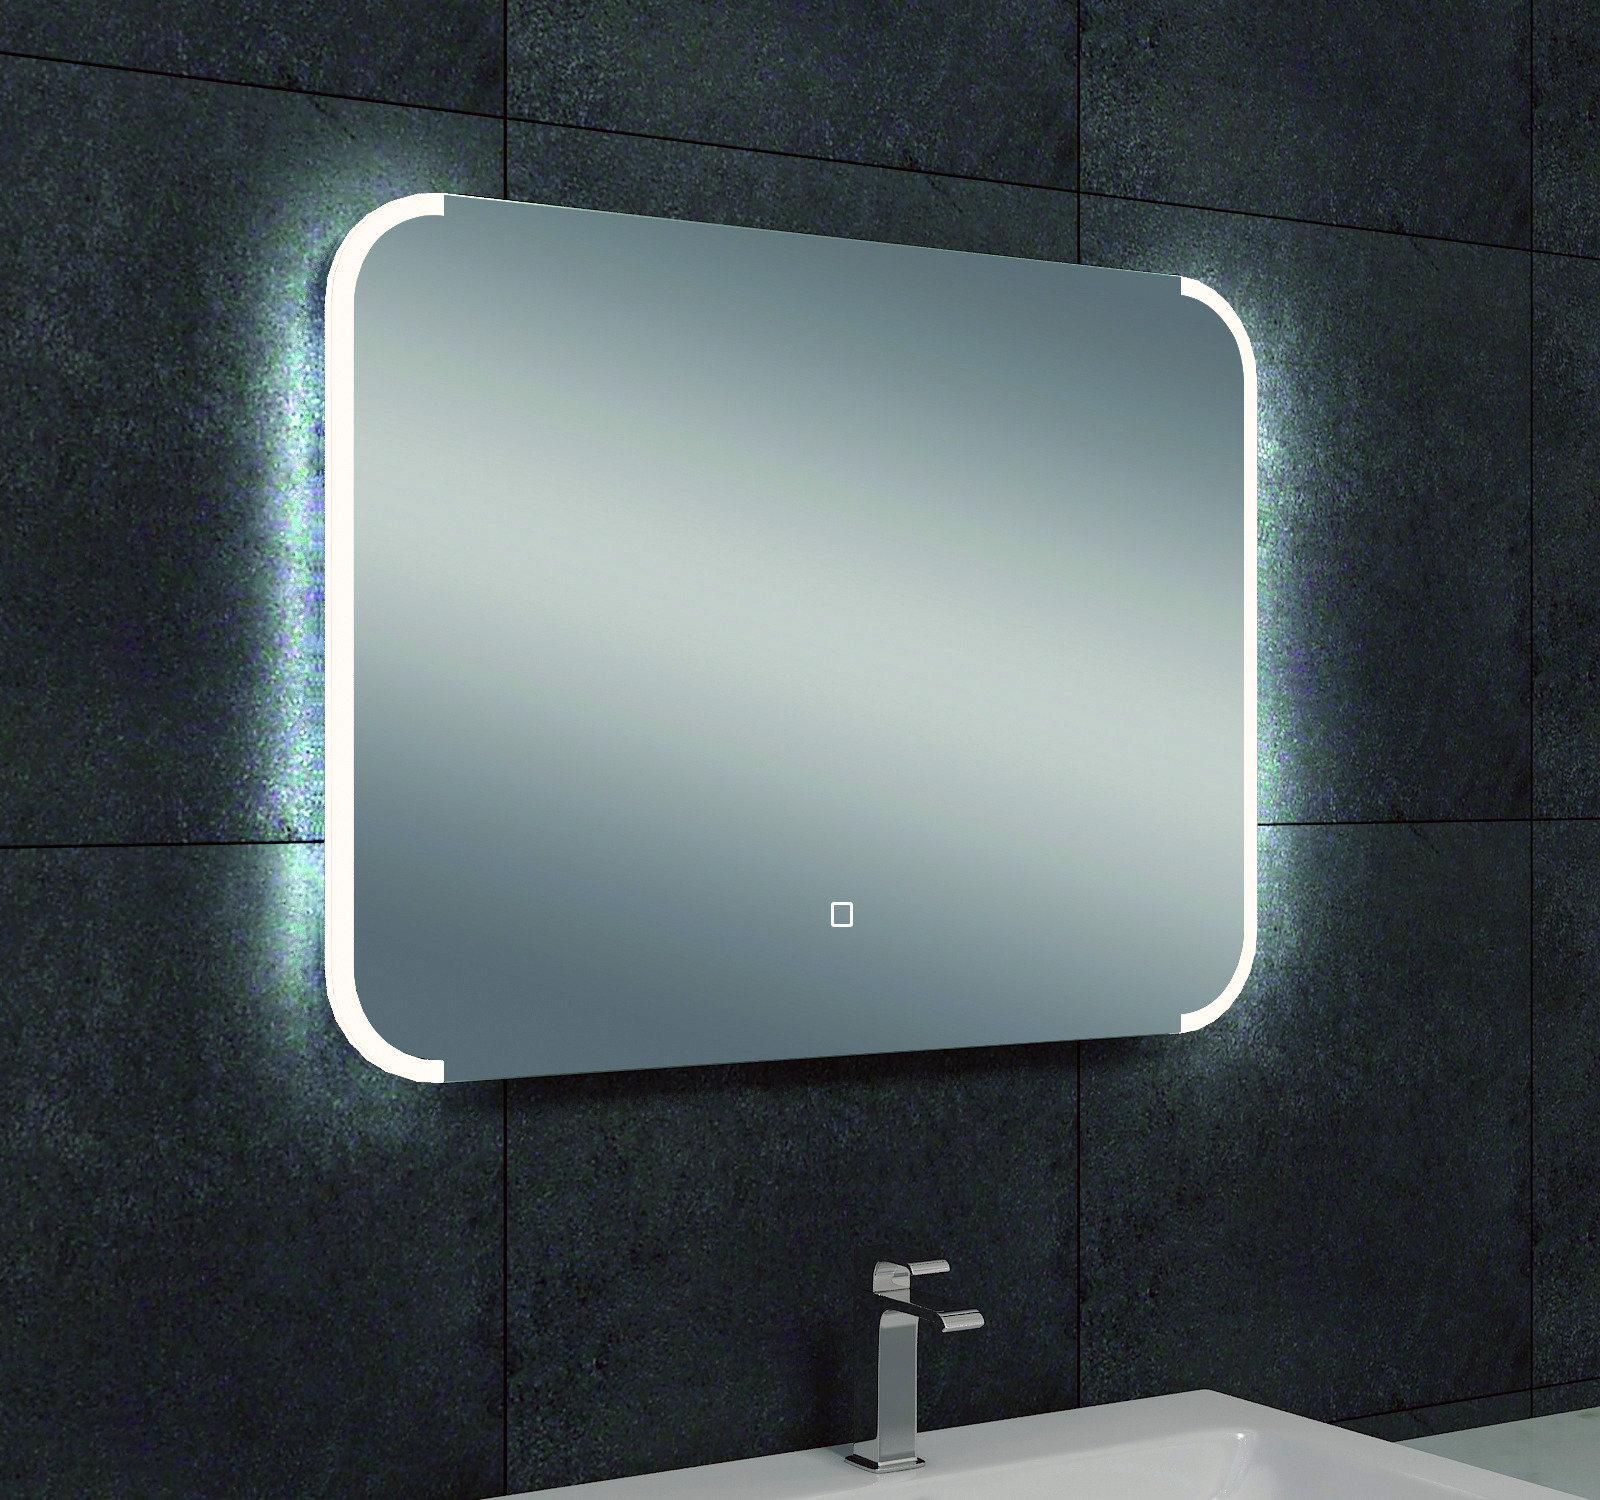 arcon dimbare led spiegel net als in de auto industrie zie je ook meer led in verschillende vormen in de badkamer wereld arcon heeft een paar bijzondere